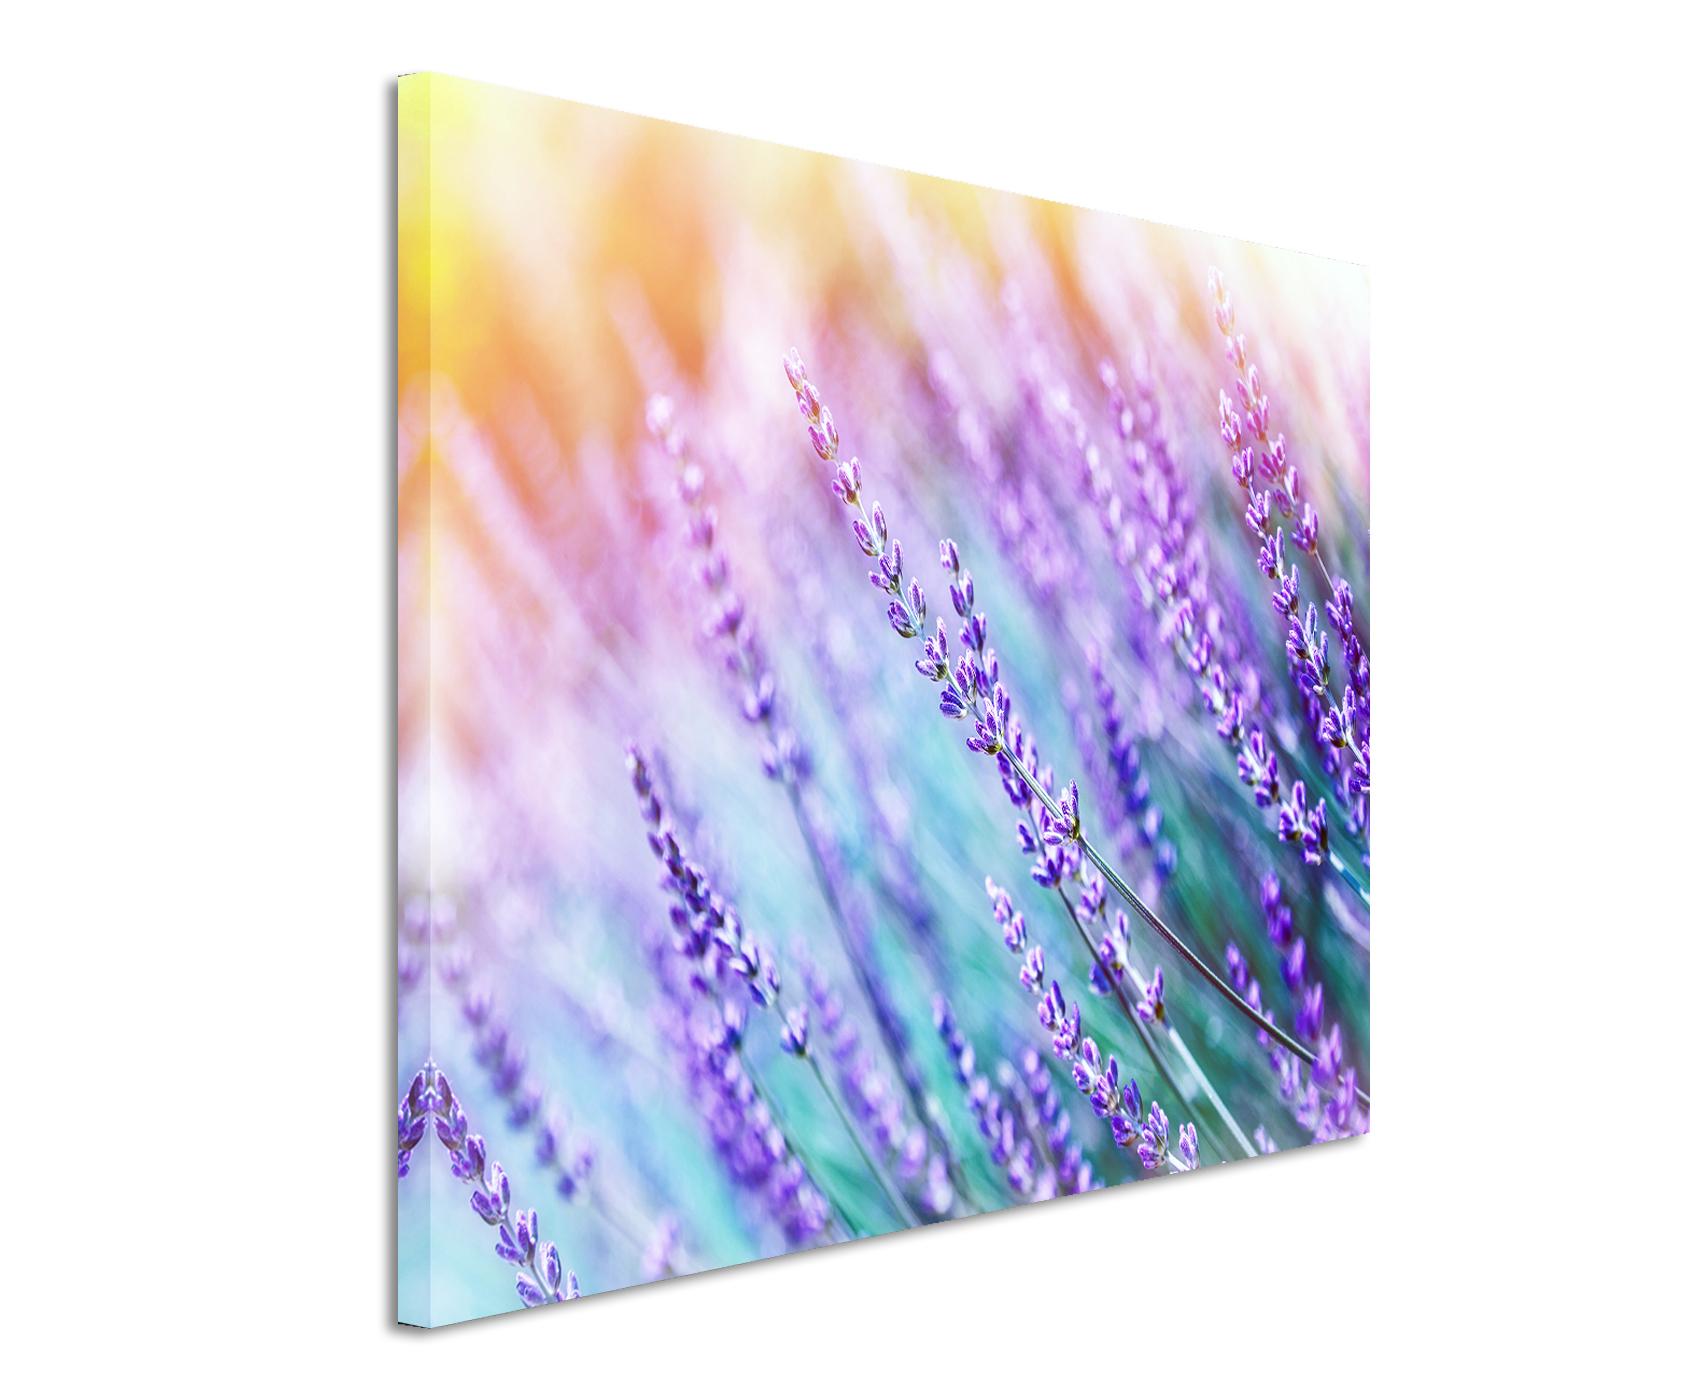 Wandbild Lavendel-Feld online kaufen | bestforhome.de | bestforhome_de